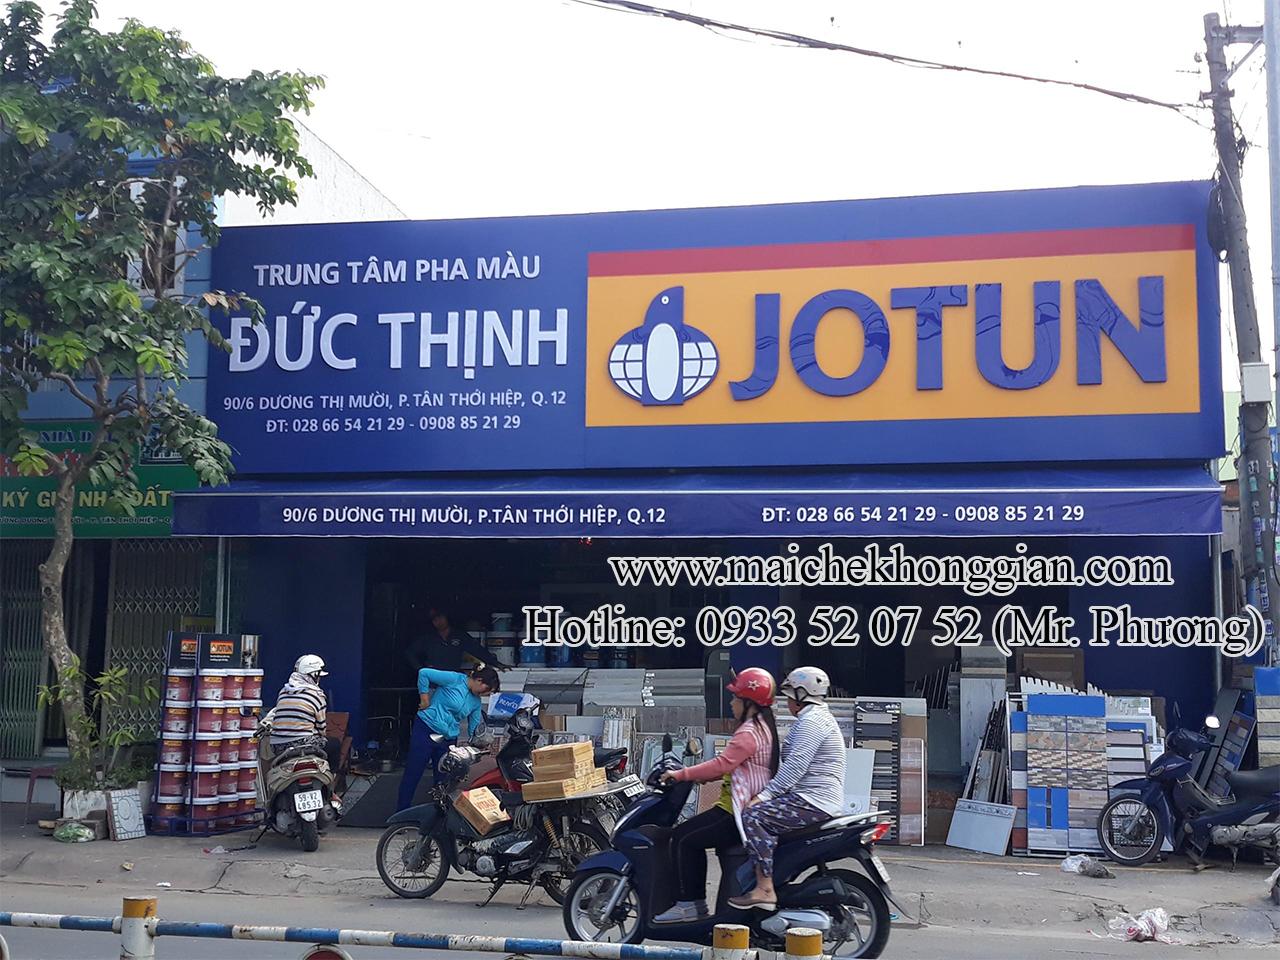 Bạt Che Thị Xã Vĩnh Châu Sóc Trăng